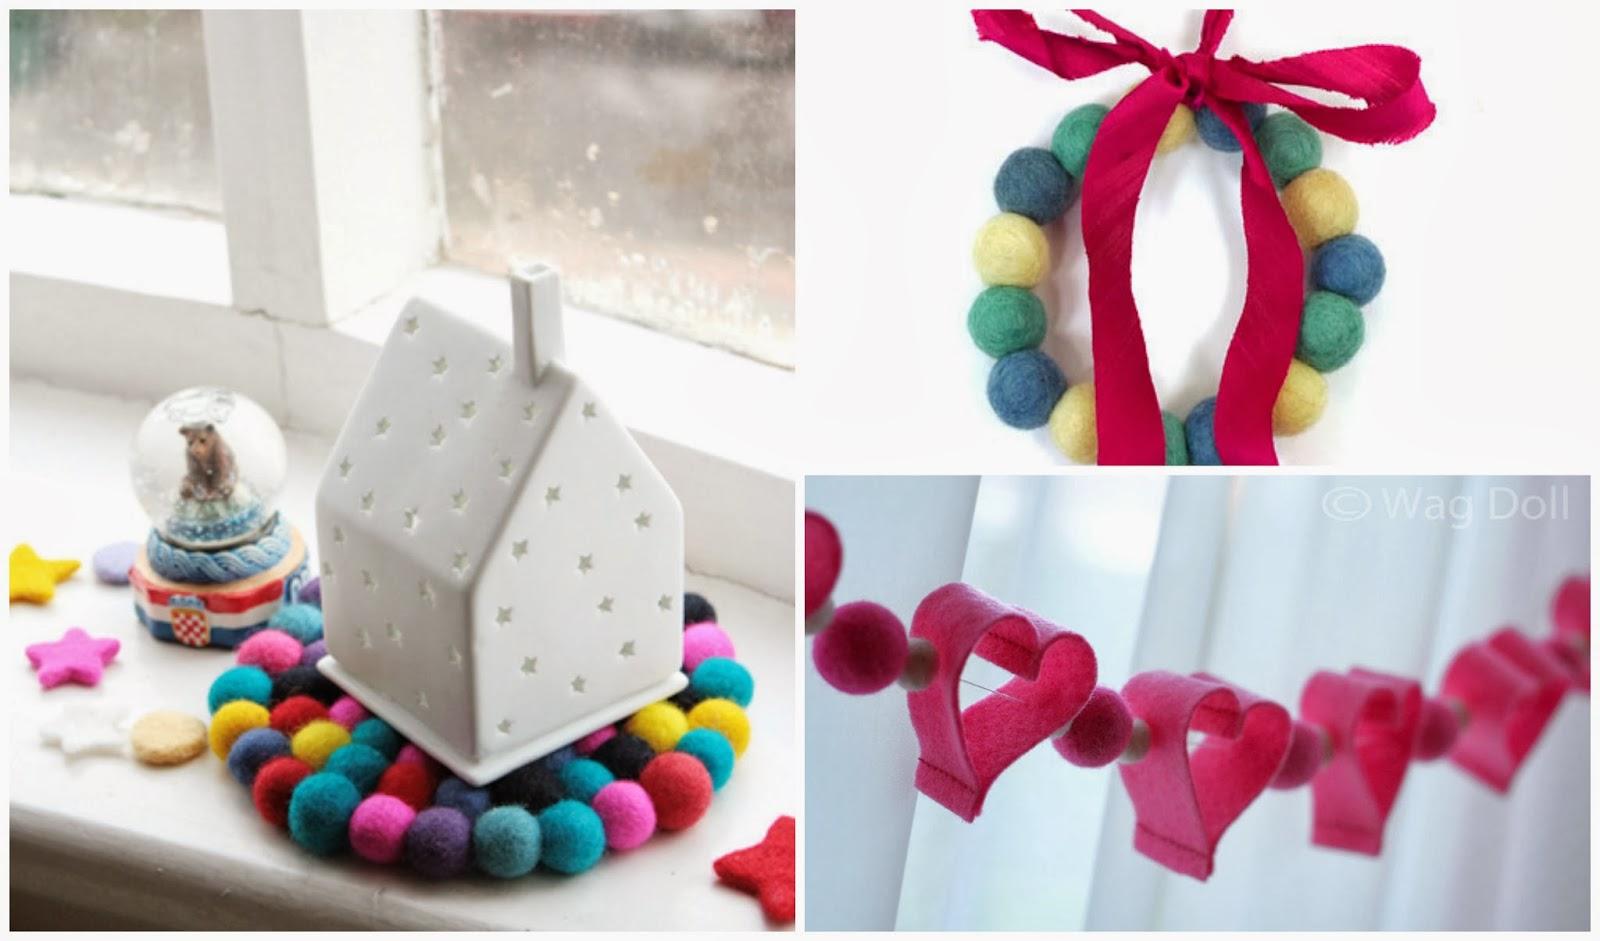 Klaudisseny dise ar cosas bonitas con bolas de fieltro - Cosas de fieltro ...